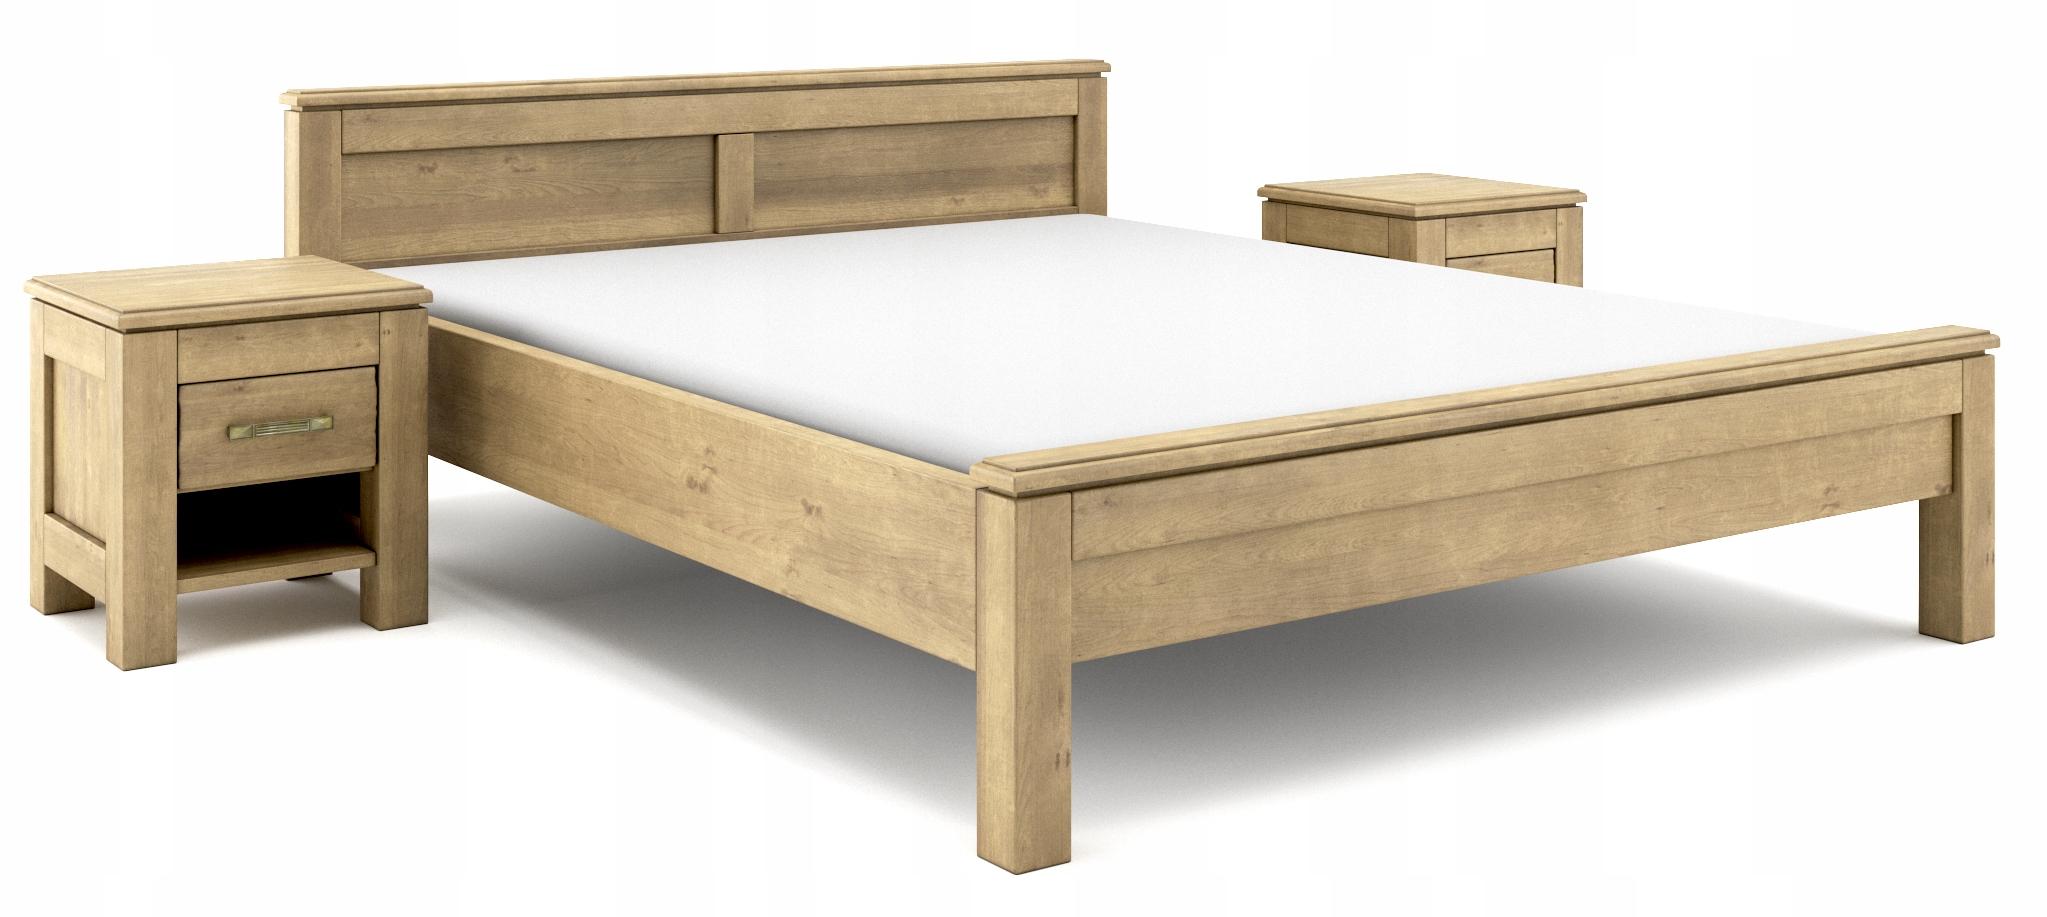 Retro posteľ 160x200 jedno lôžko pre spálne